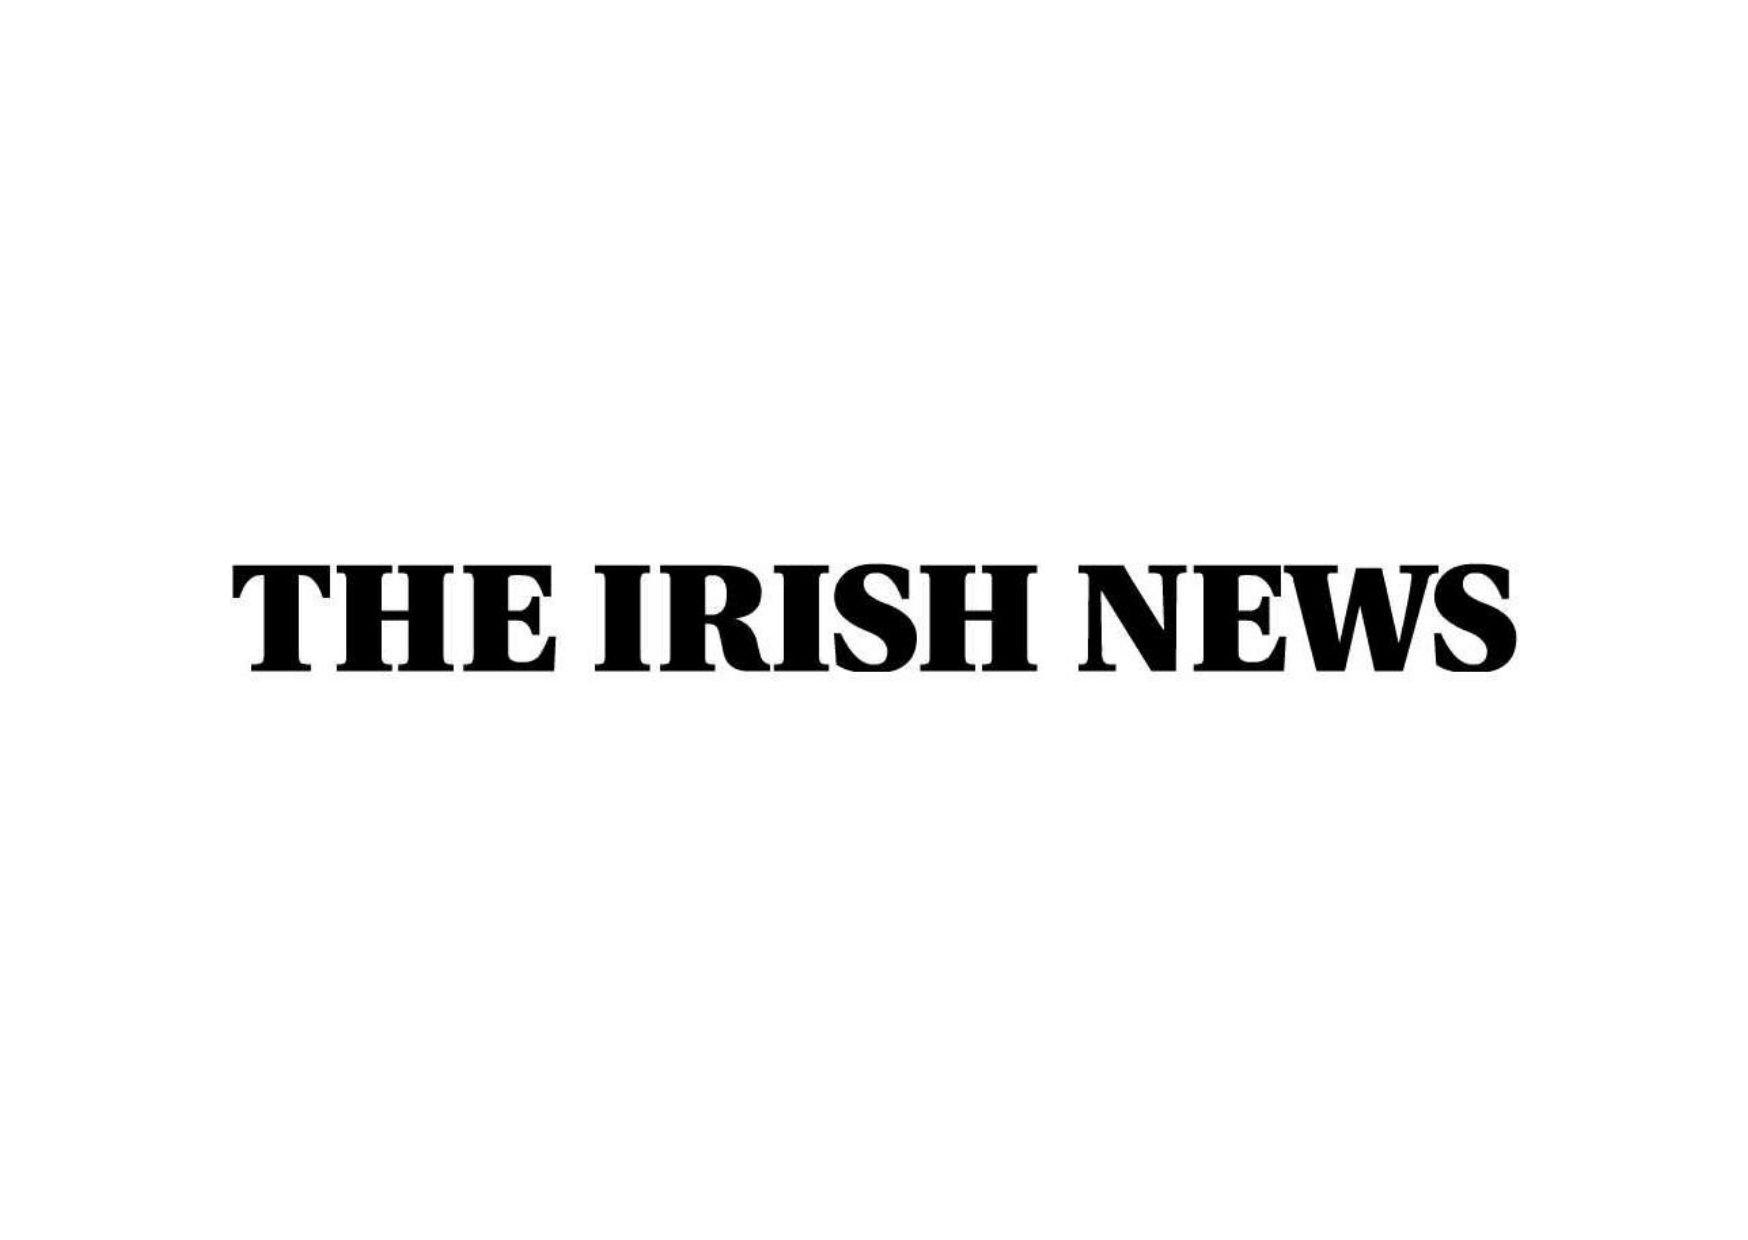 Noreena featured in Jabra's Audio Study, Irish News